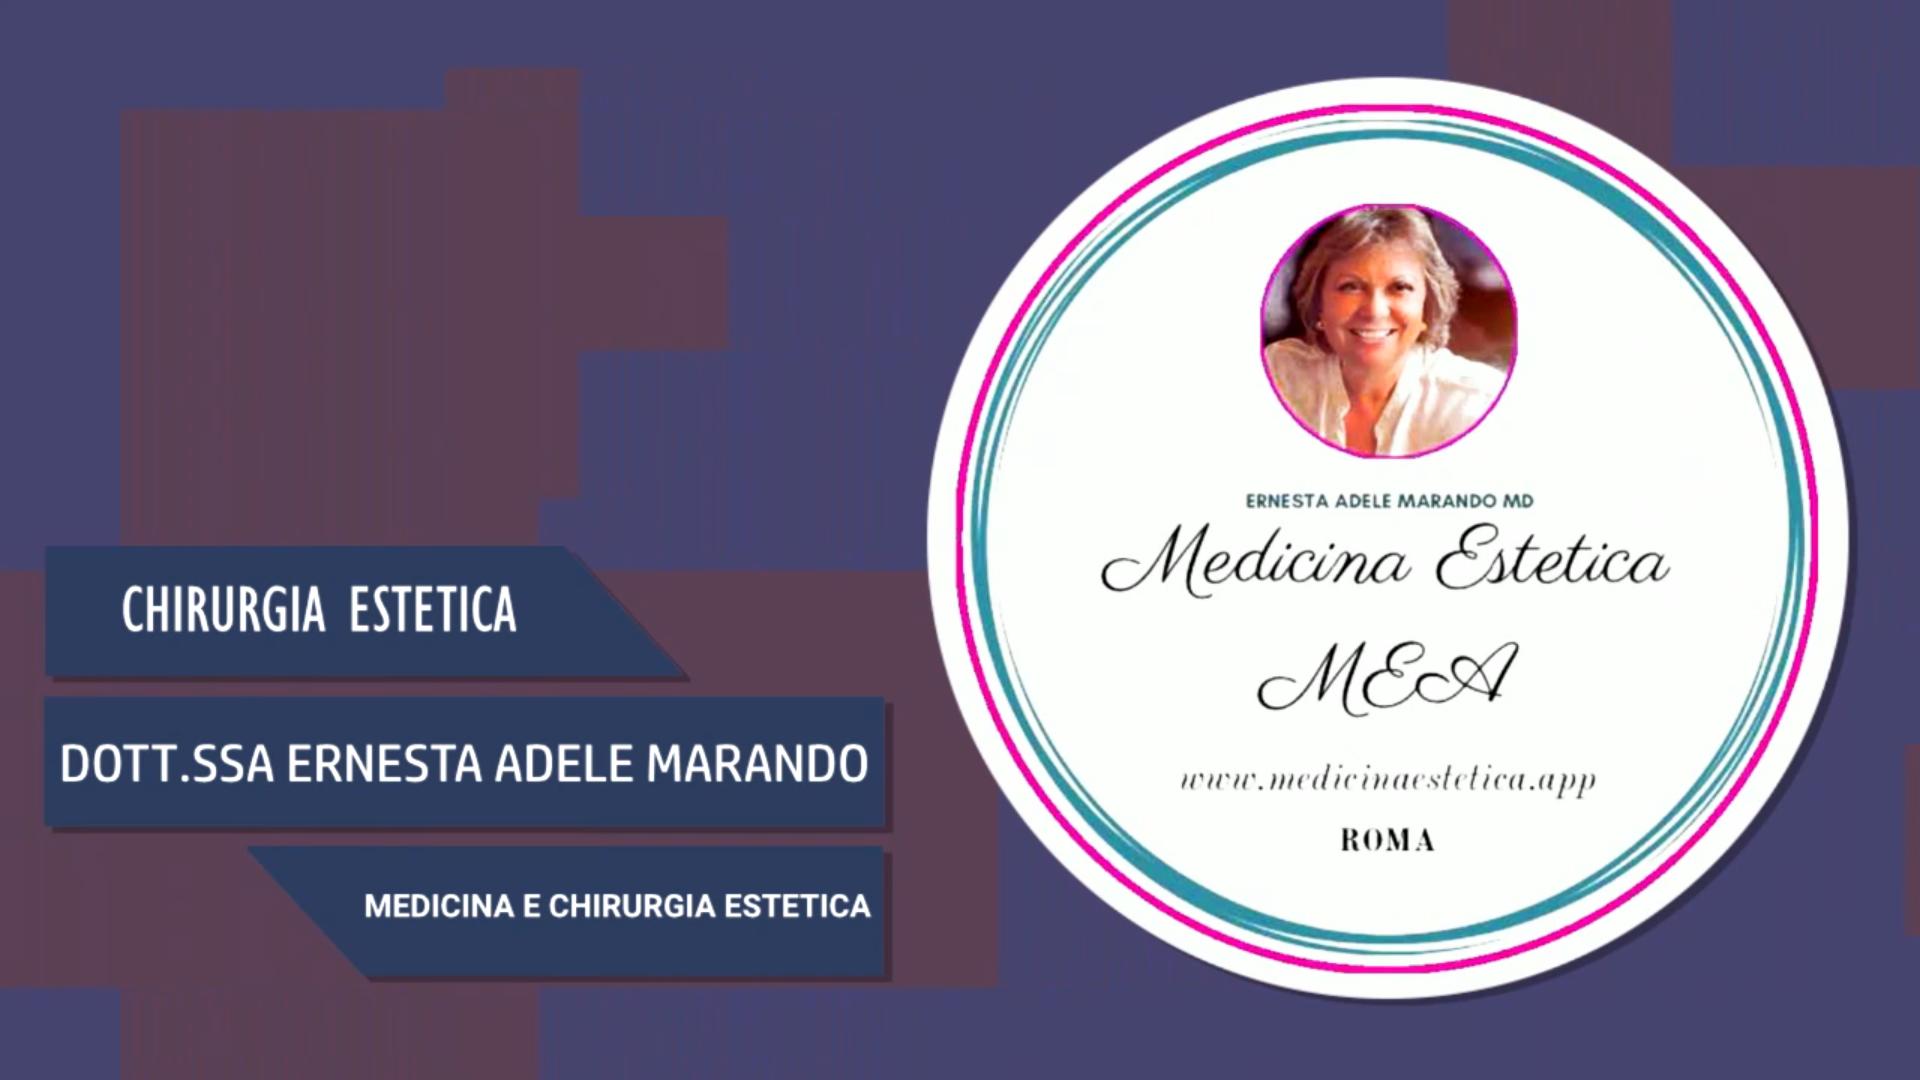 Intervista alla Dott.ssa Ernesta Adele Marando – Medicina e chirurgia estetica